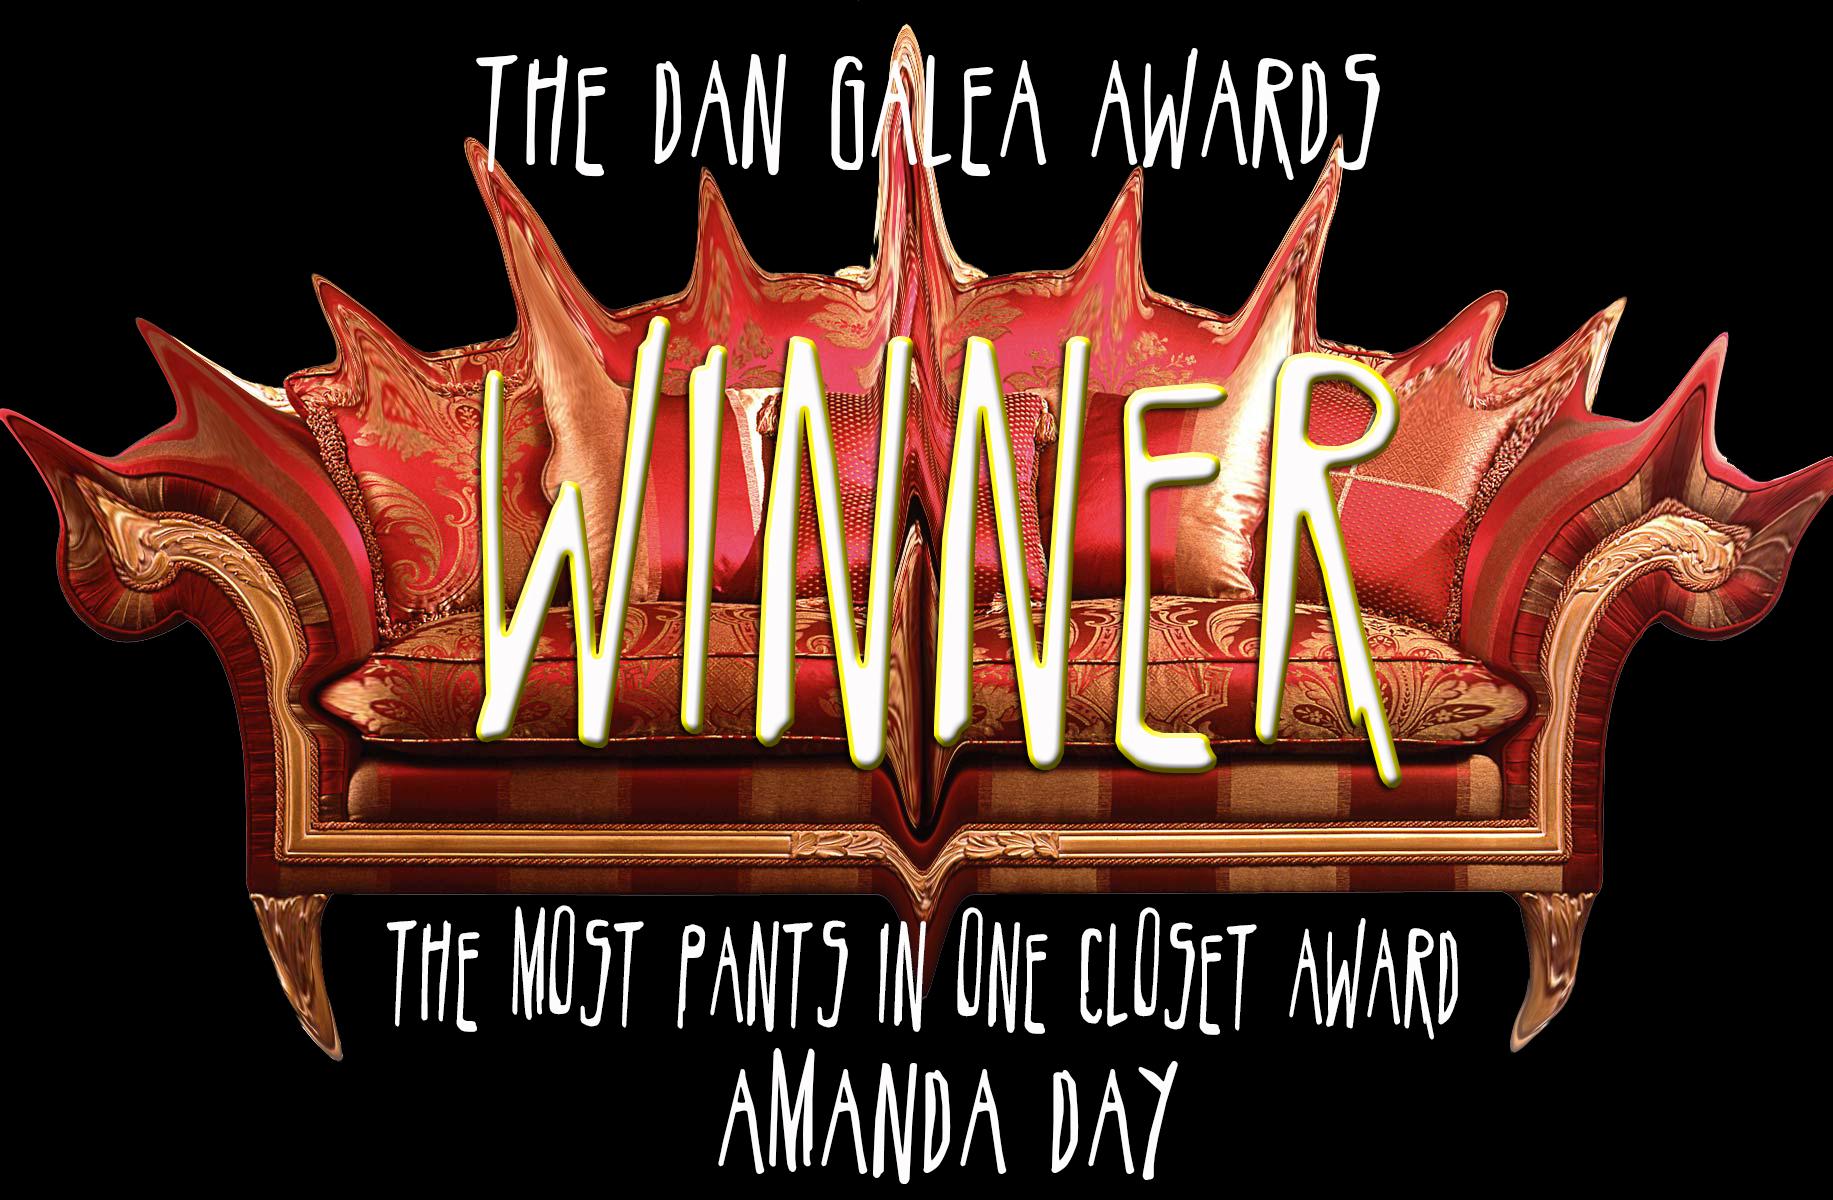 DGawards Amanda Day.jpg